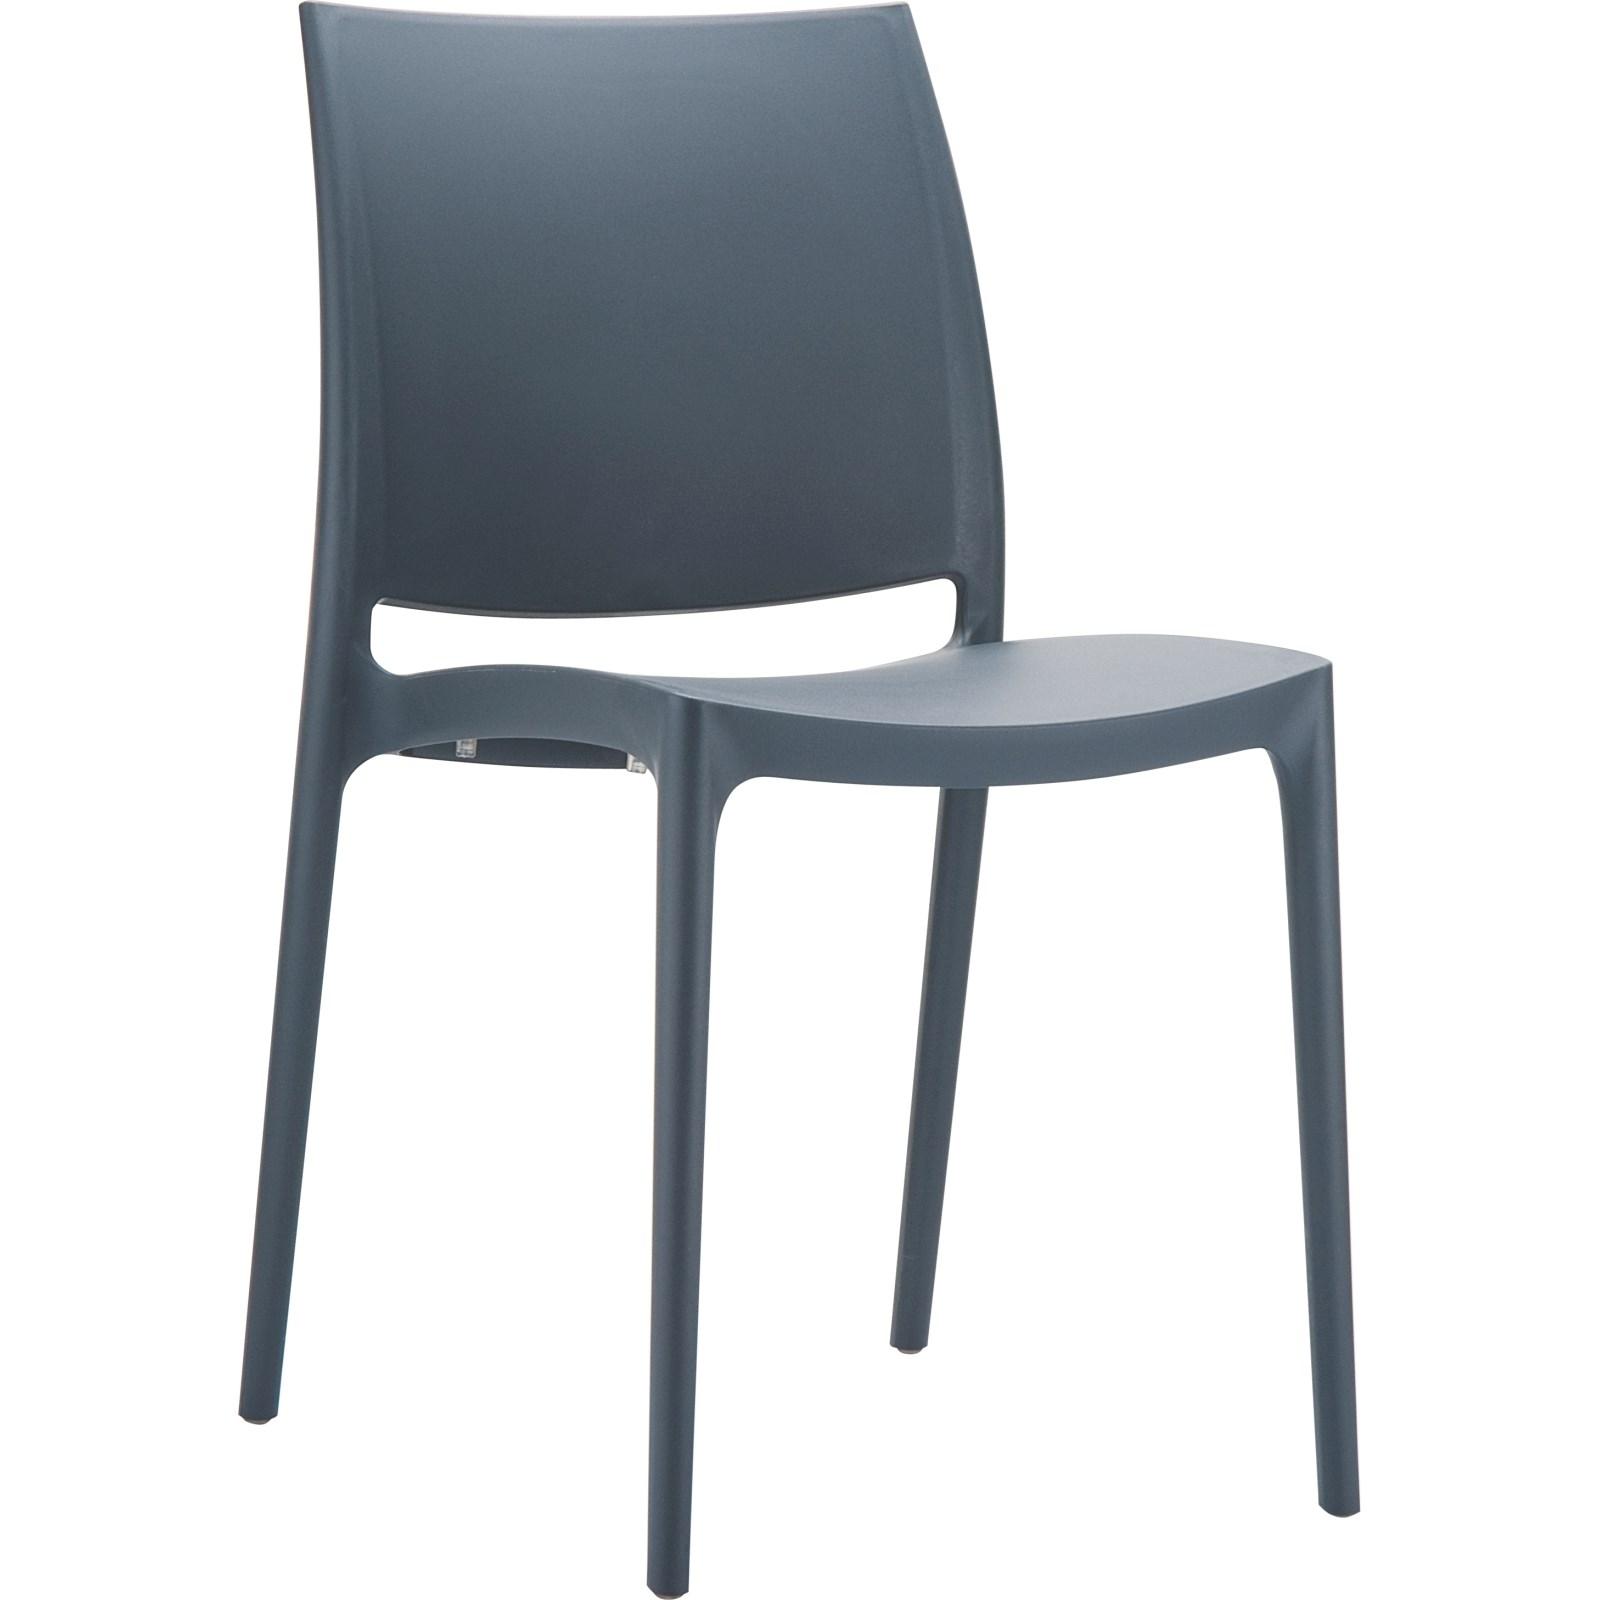 stuhl maya 81 44 50 cm outdoorm bel landi. Black Bedroom Furniture Sets. Home Design Ideas